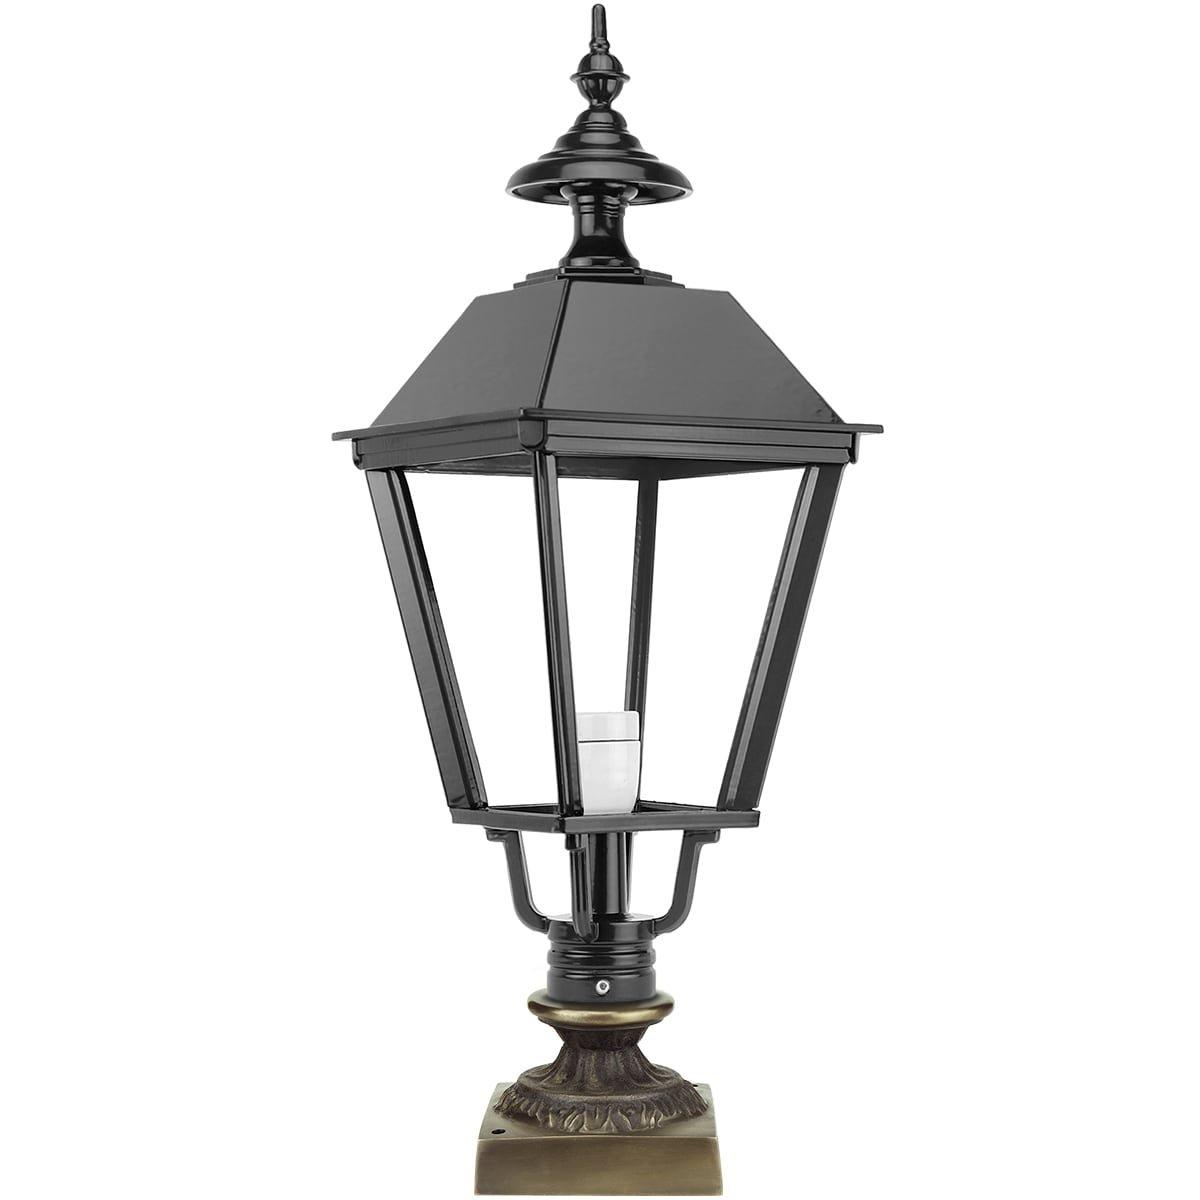 Buitenverlichting Klassiek Nostalgisch Tuinlamp lage Driehuizen brons - 71 cm